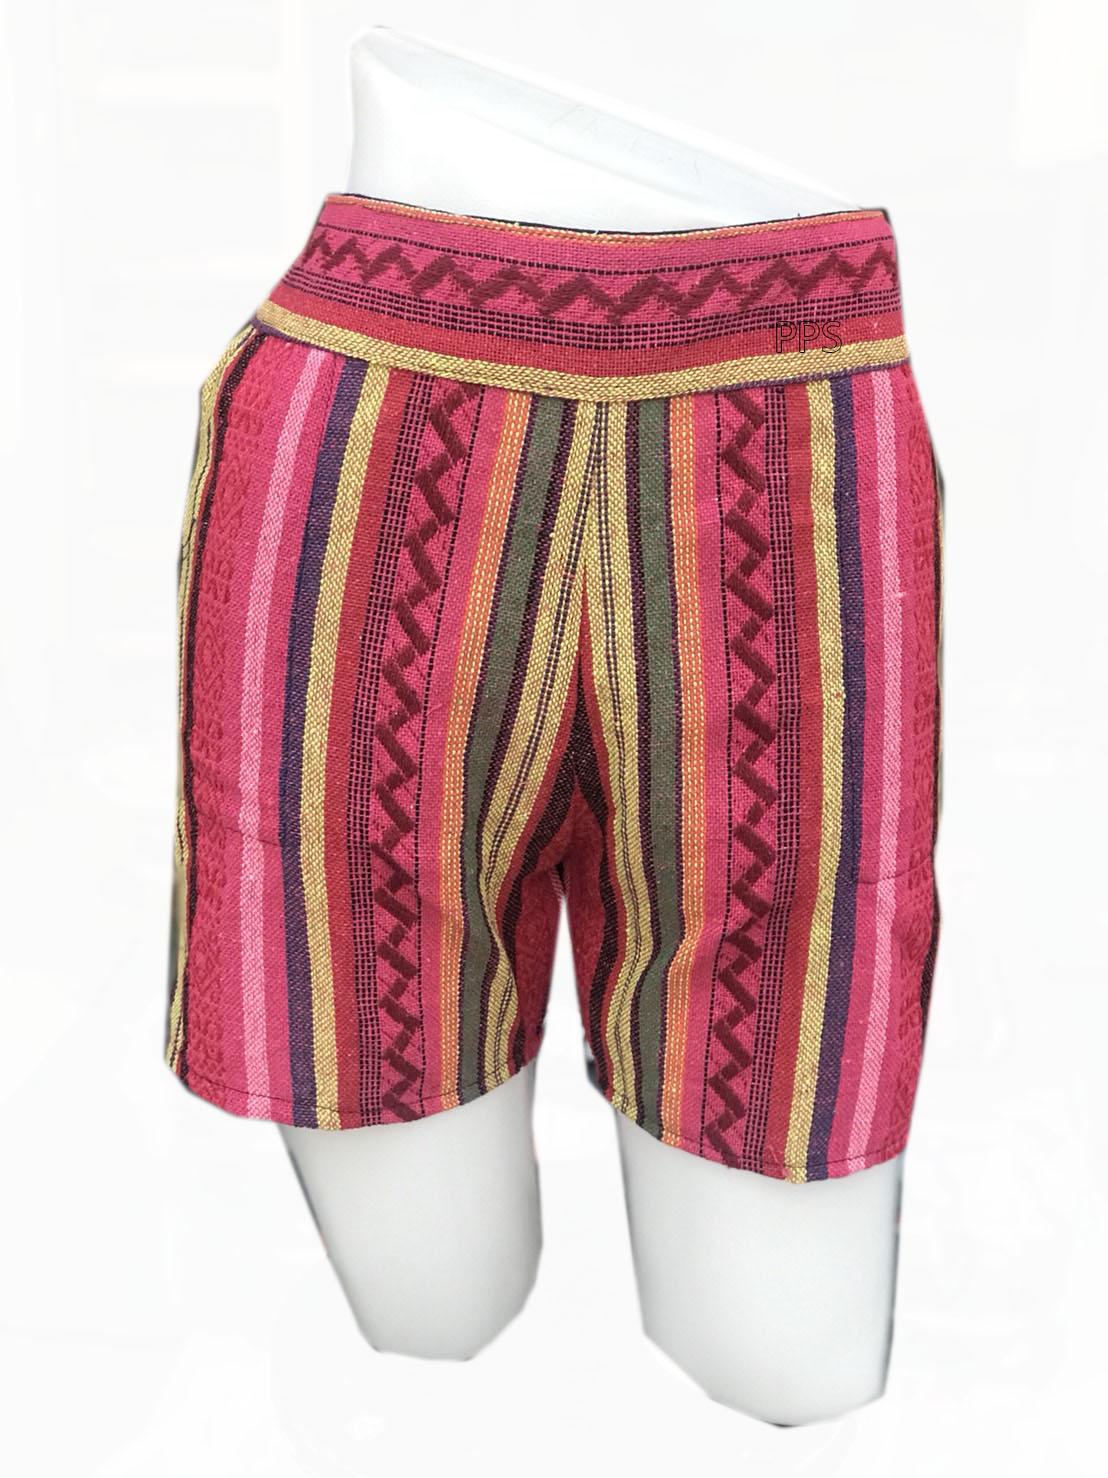 BNB-Cotton short pant-02